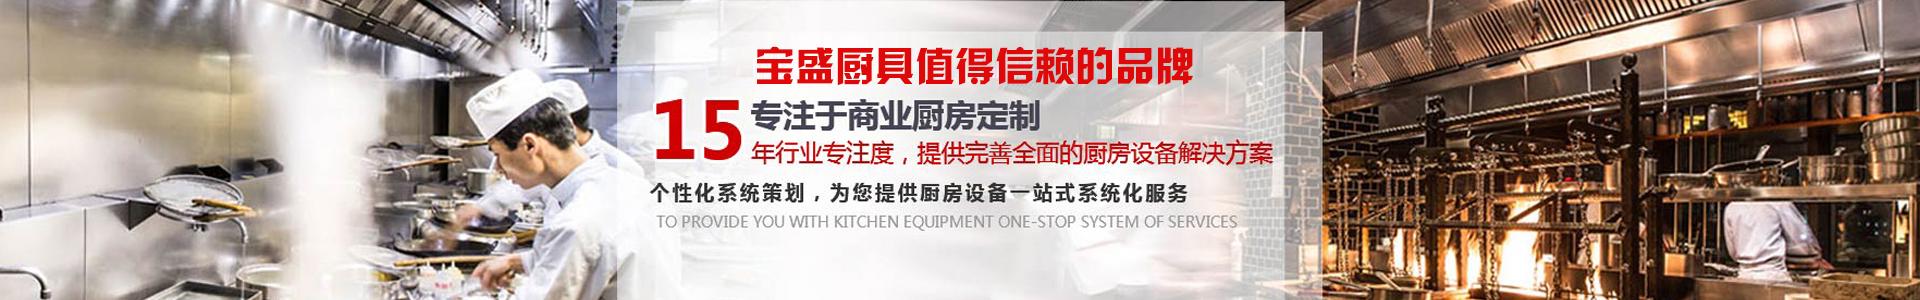 惠州厨具设备厂